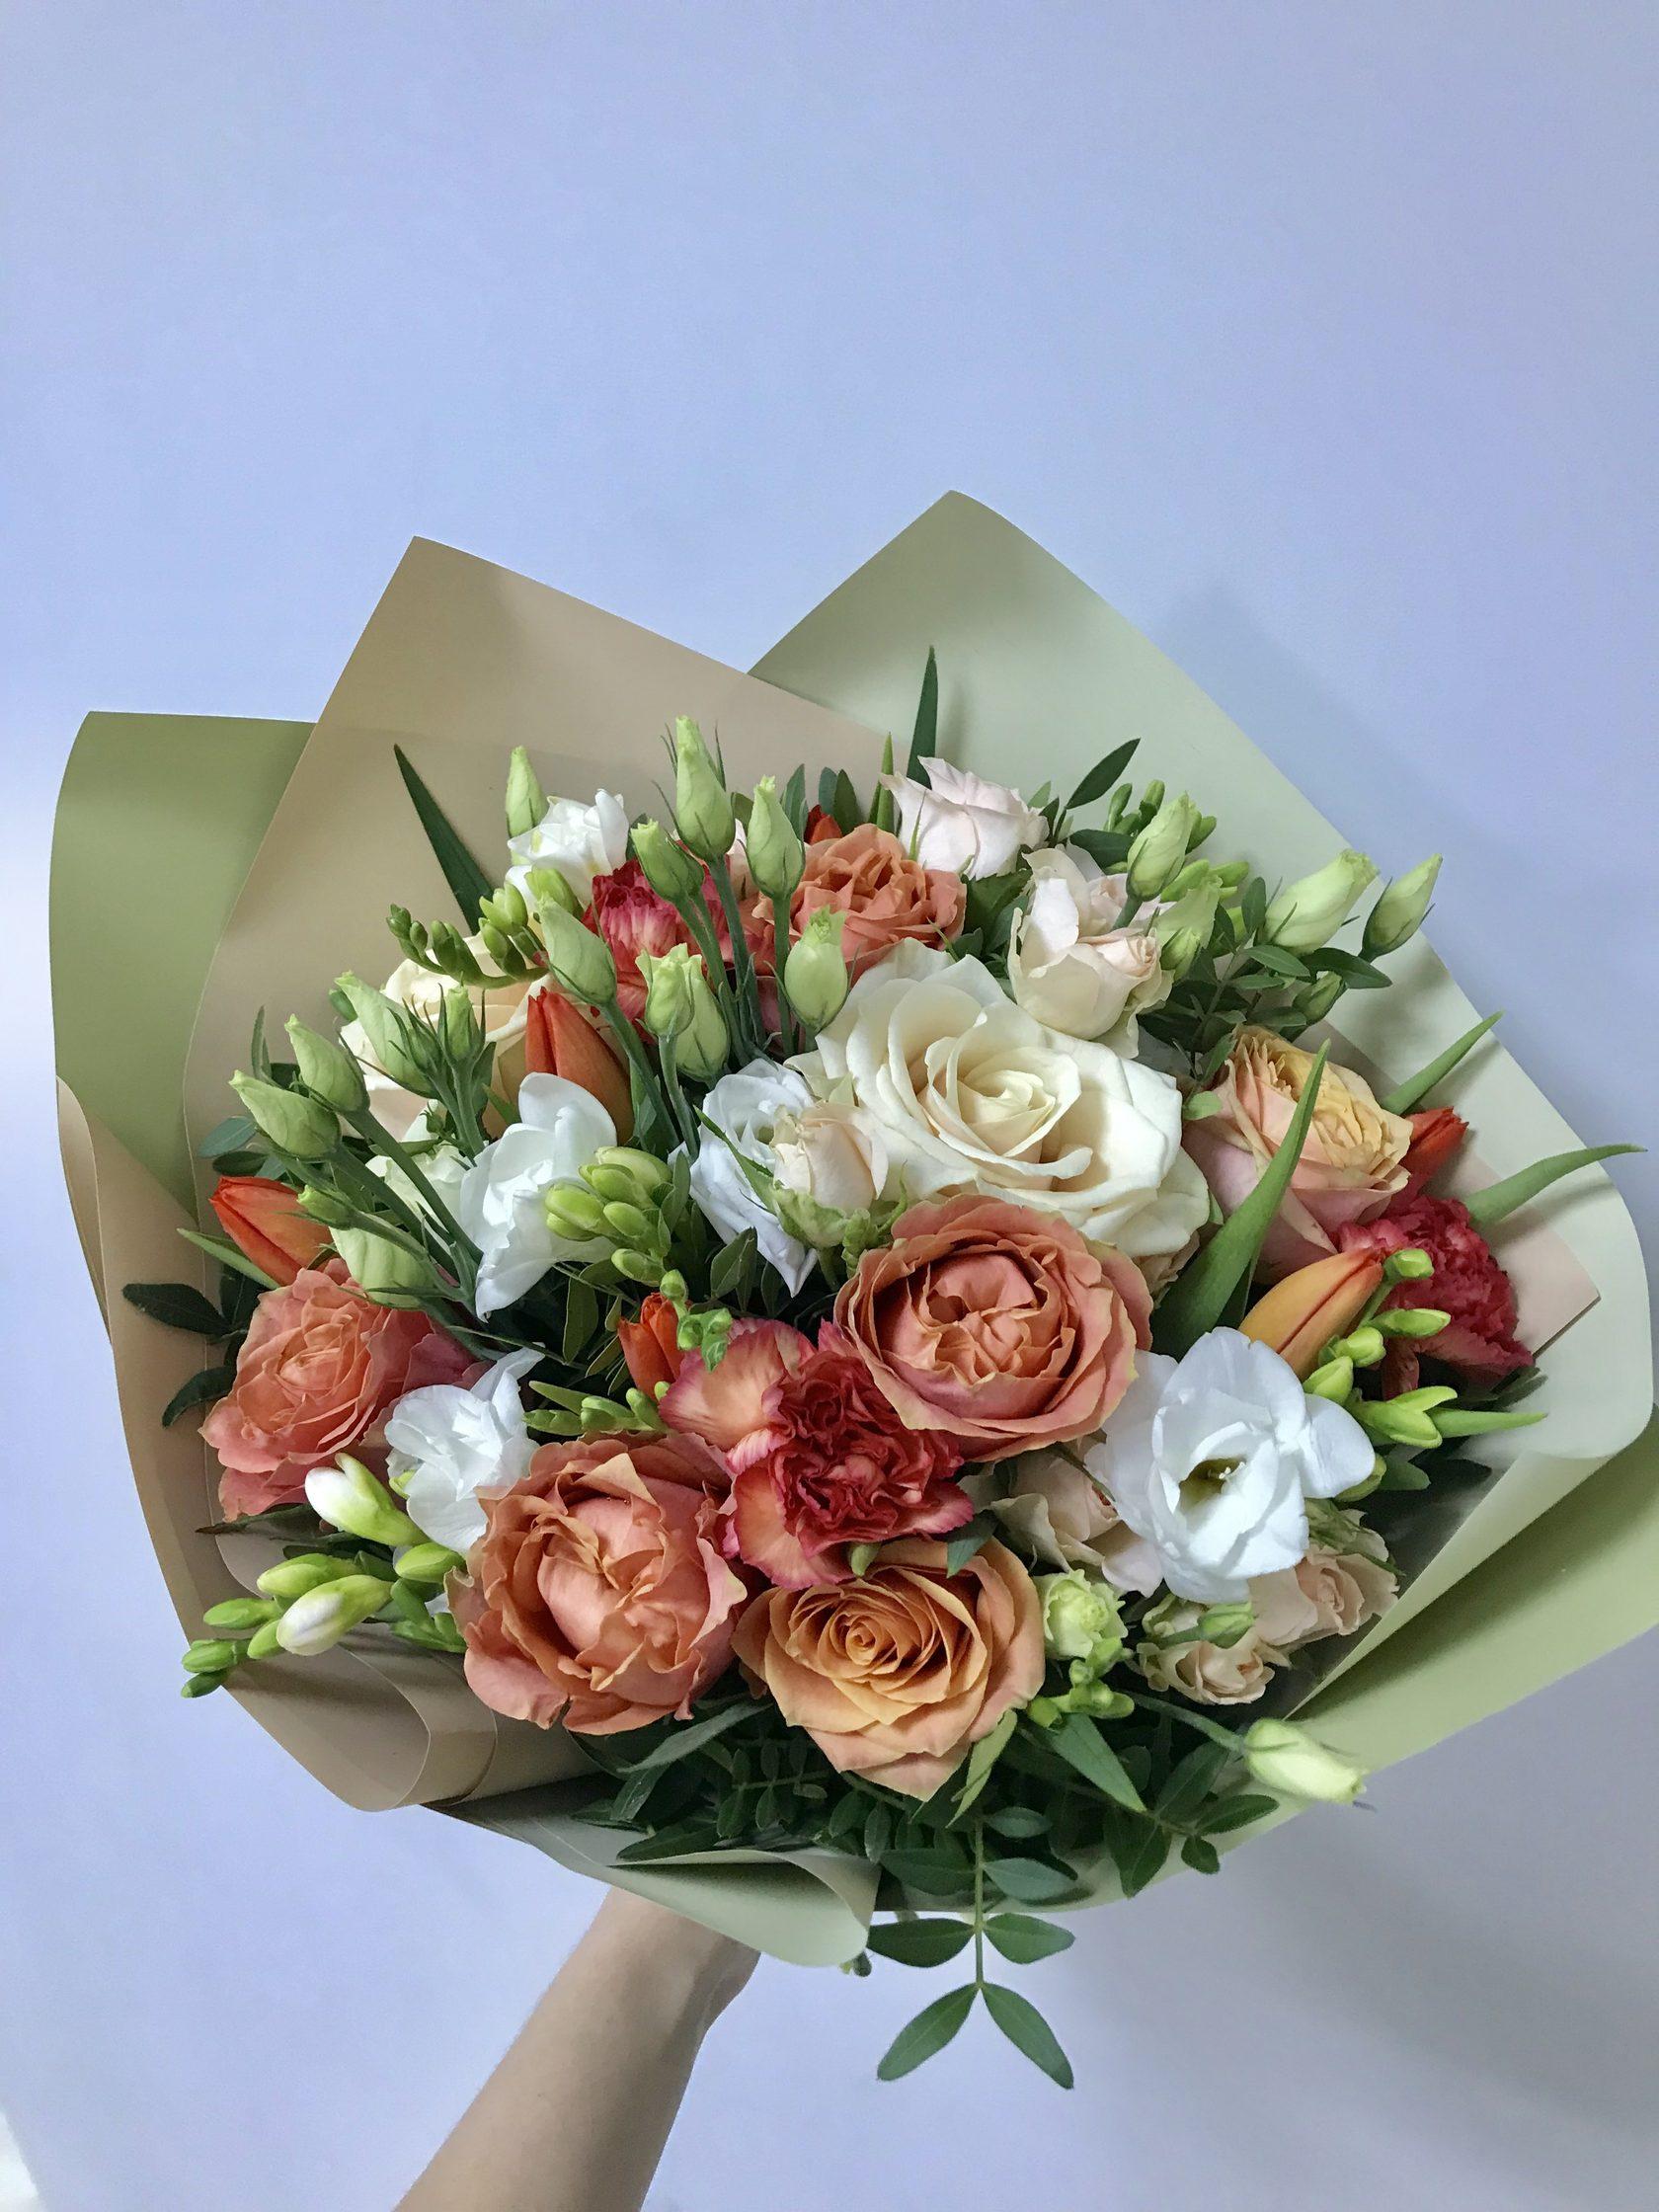 Цветов оптом, омск доставка цветов самара отзывы